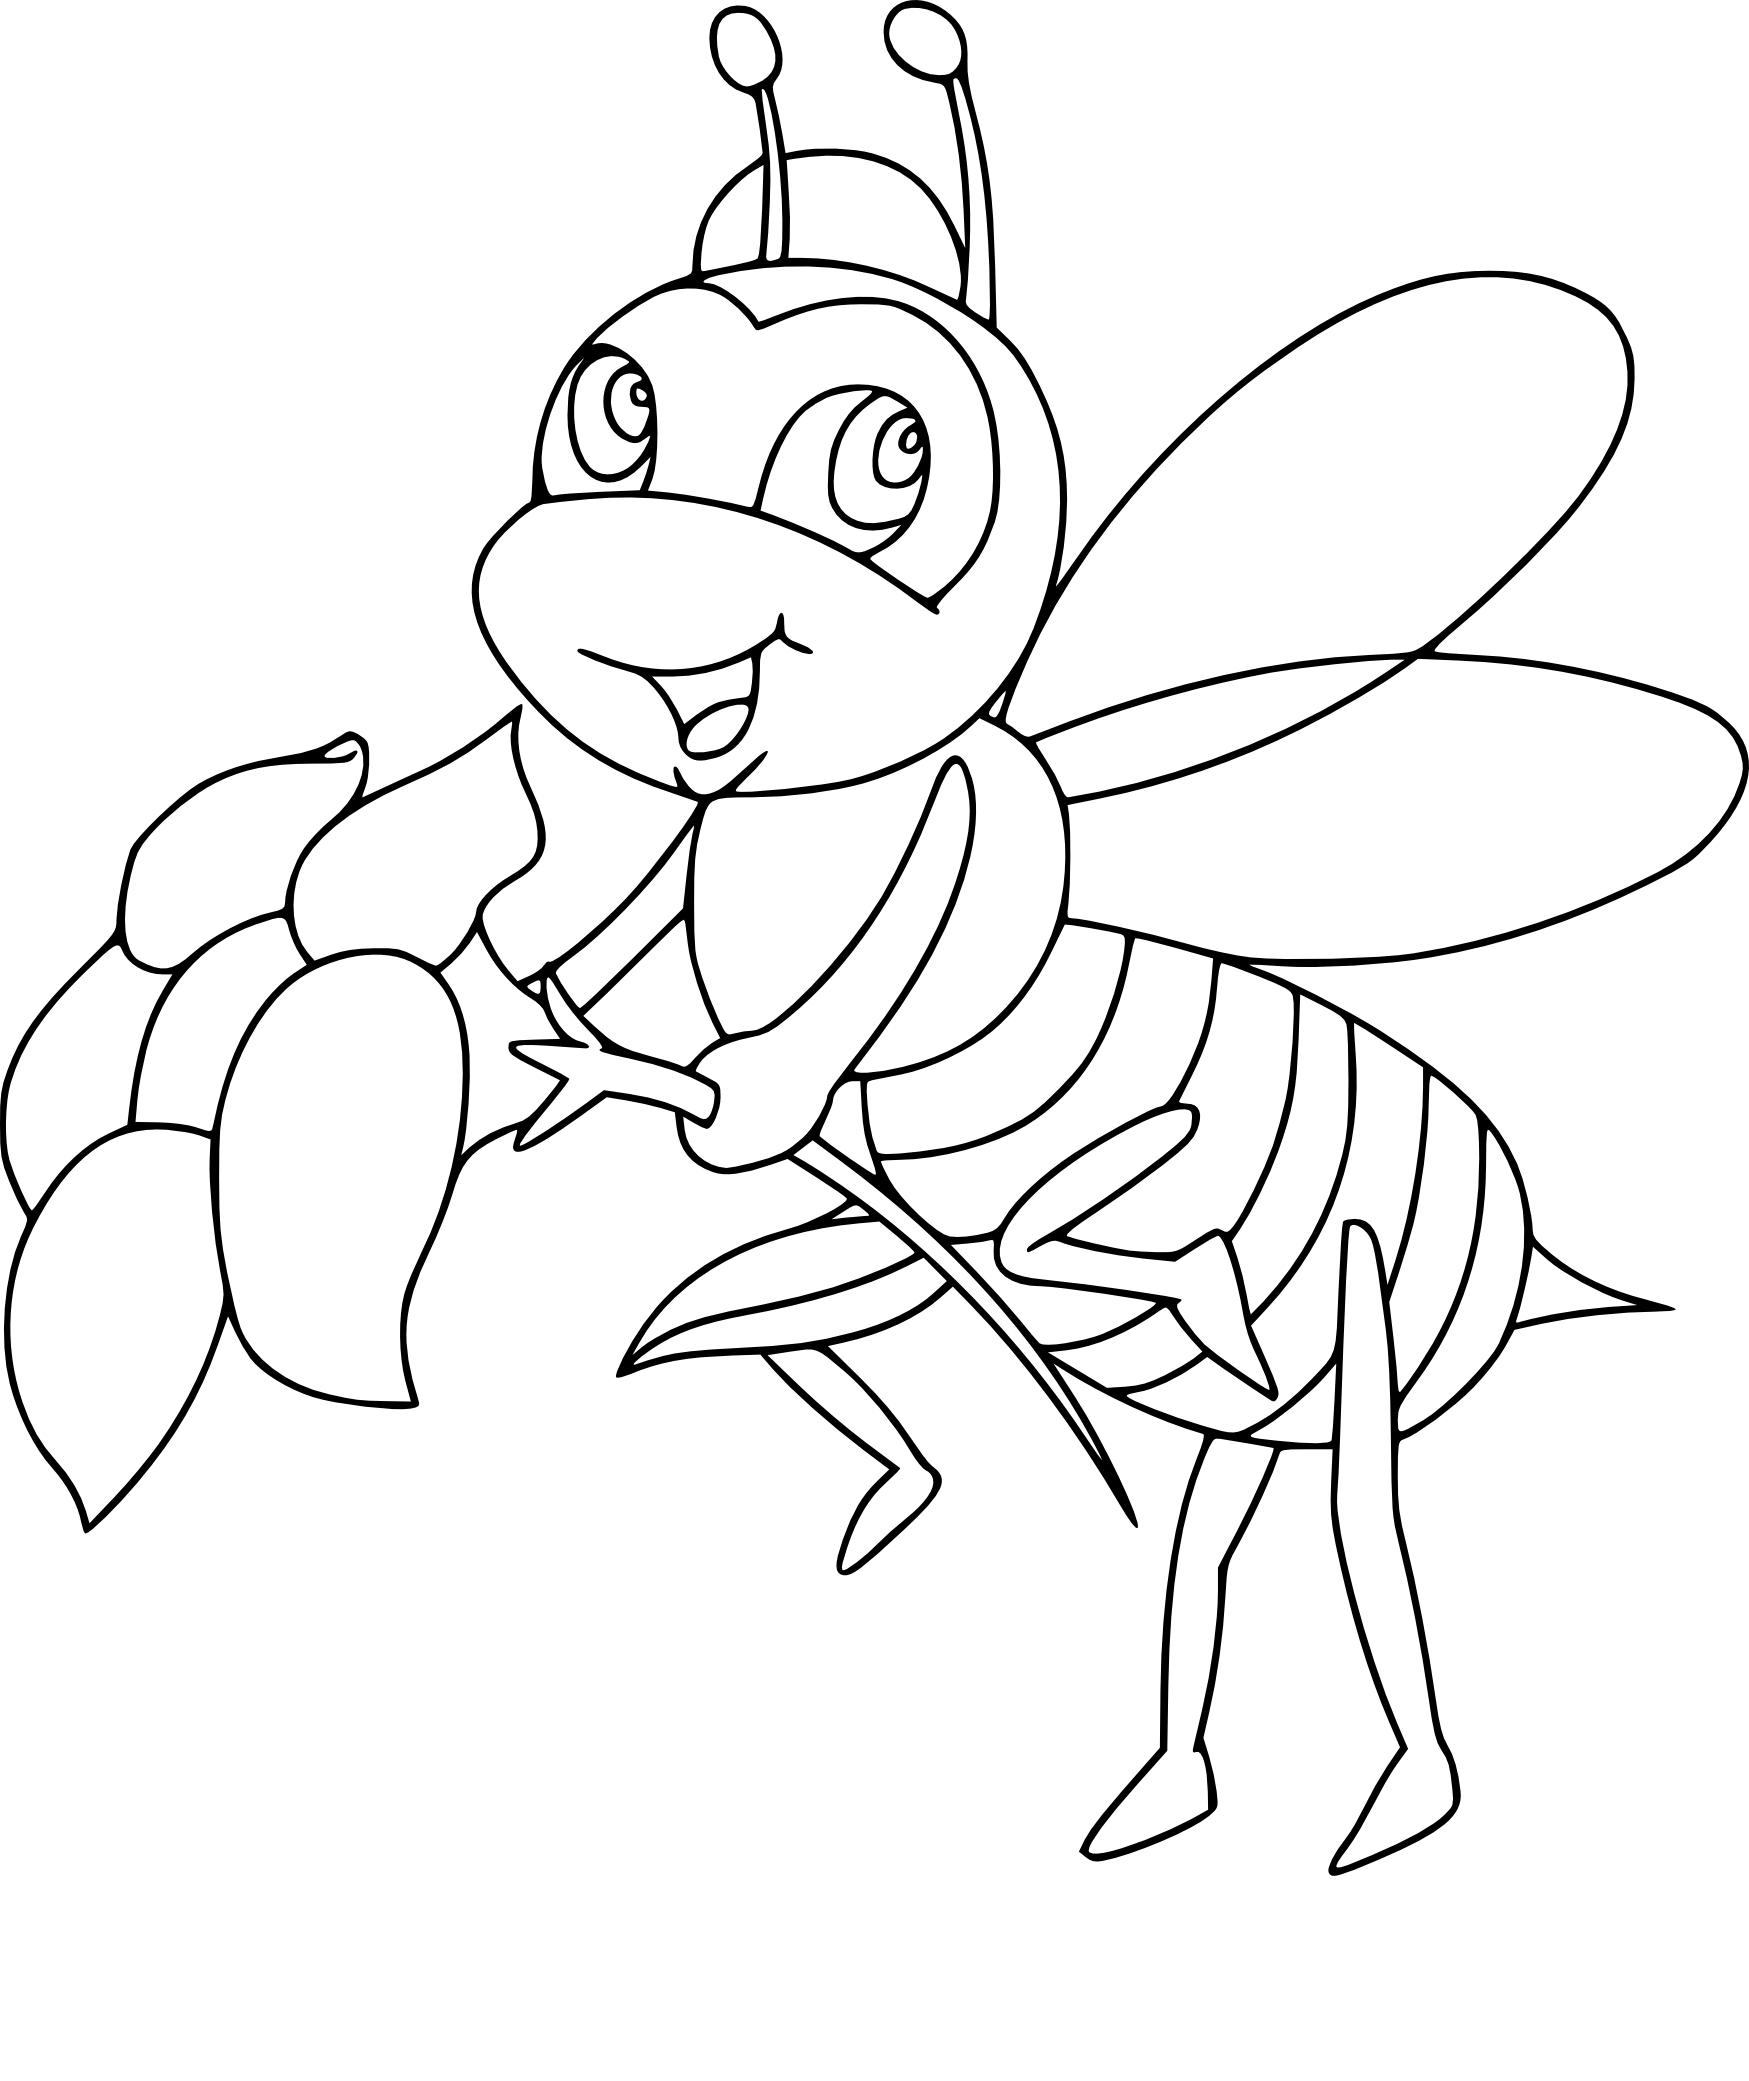 Coloriage abeille reine imprimer - Coloriage image ...